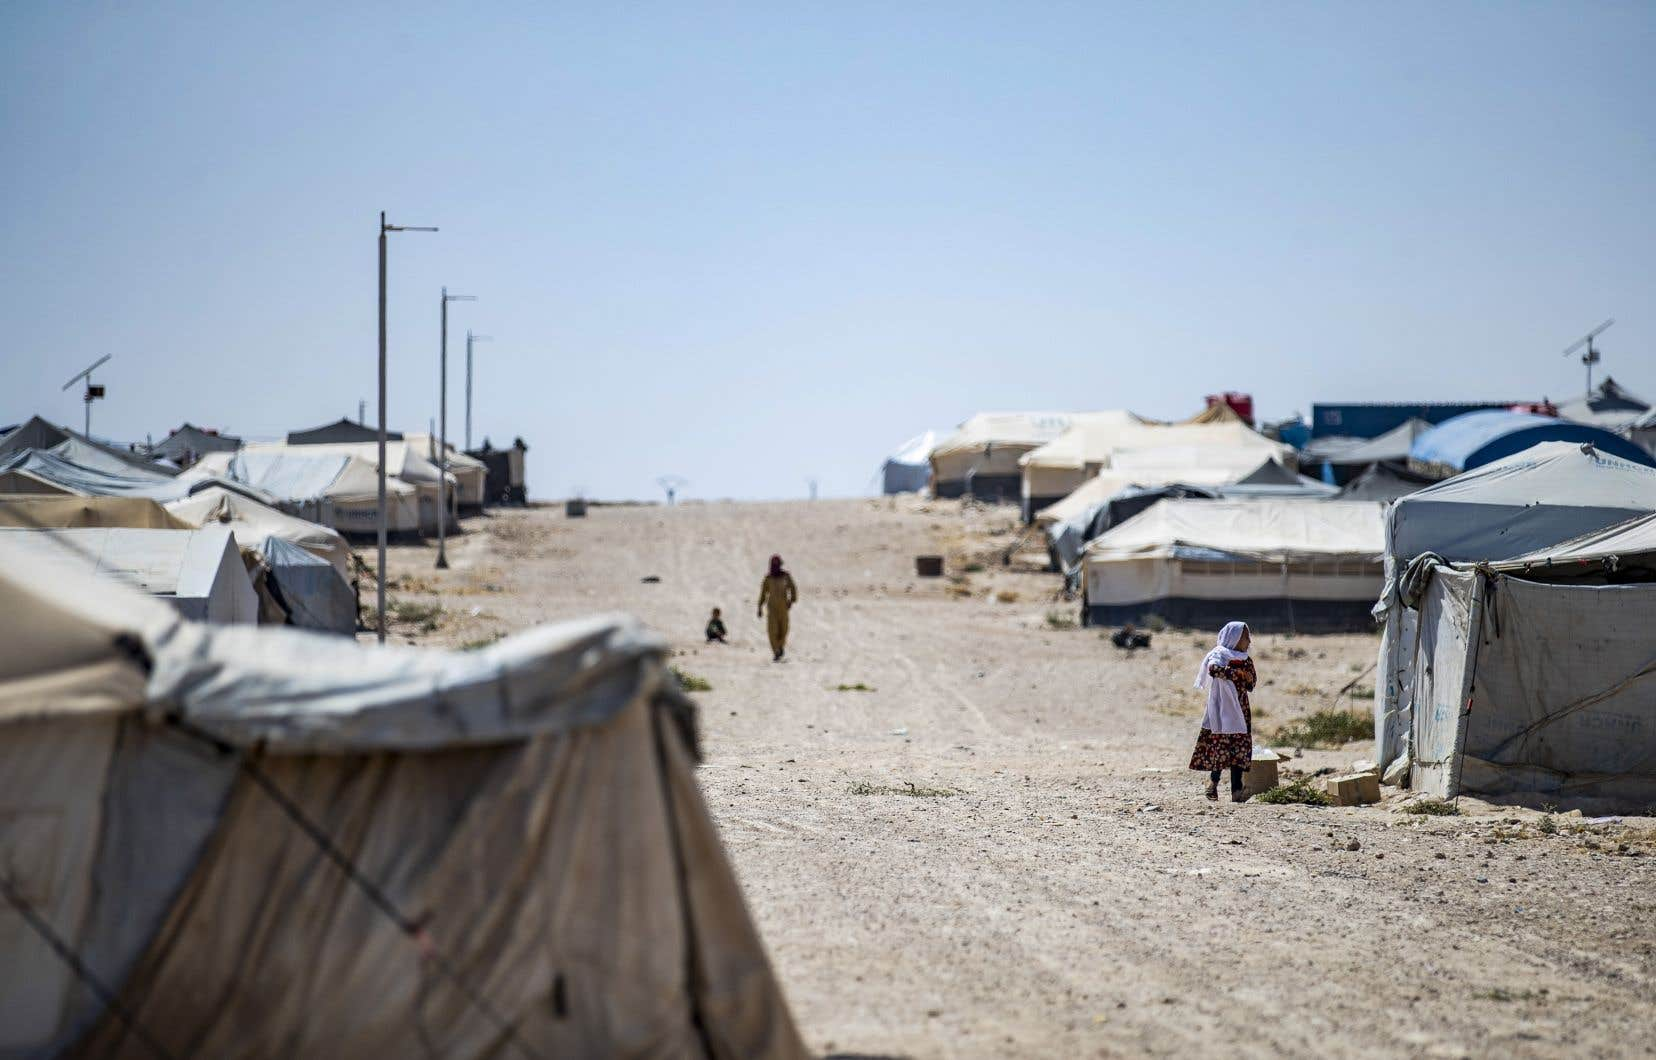 Environ 150 adultes et près de 300 enfants français sont détenus en prison ou dans des camps en Syrie et en Irak, dont celui d'Al-Hol (photo), au nord-est de la Syrie.